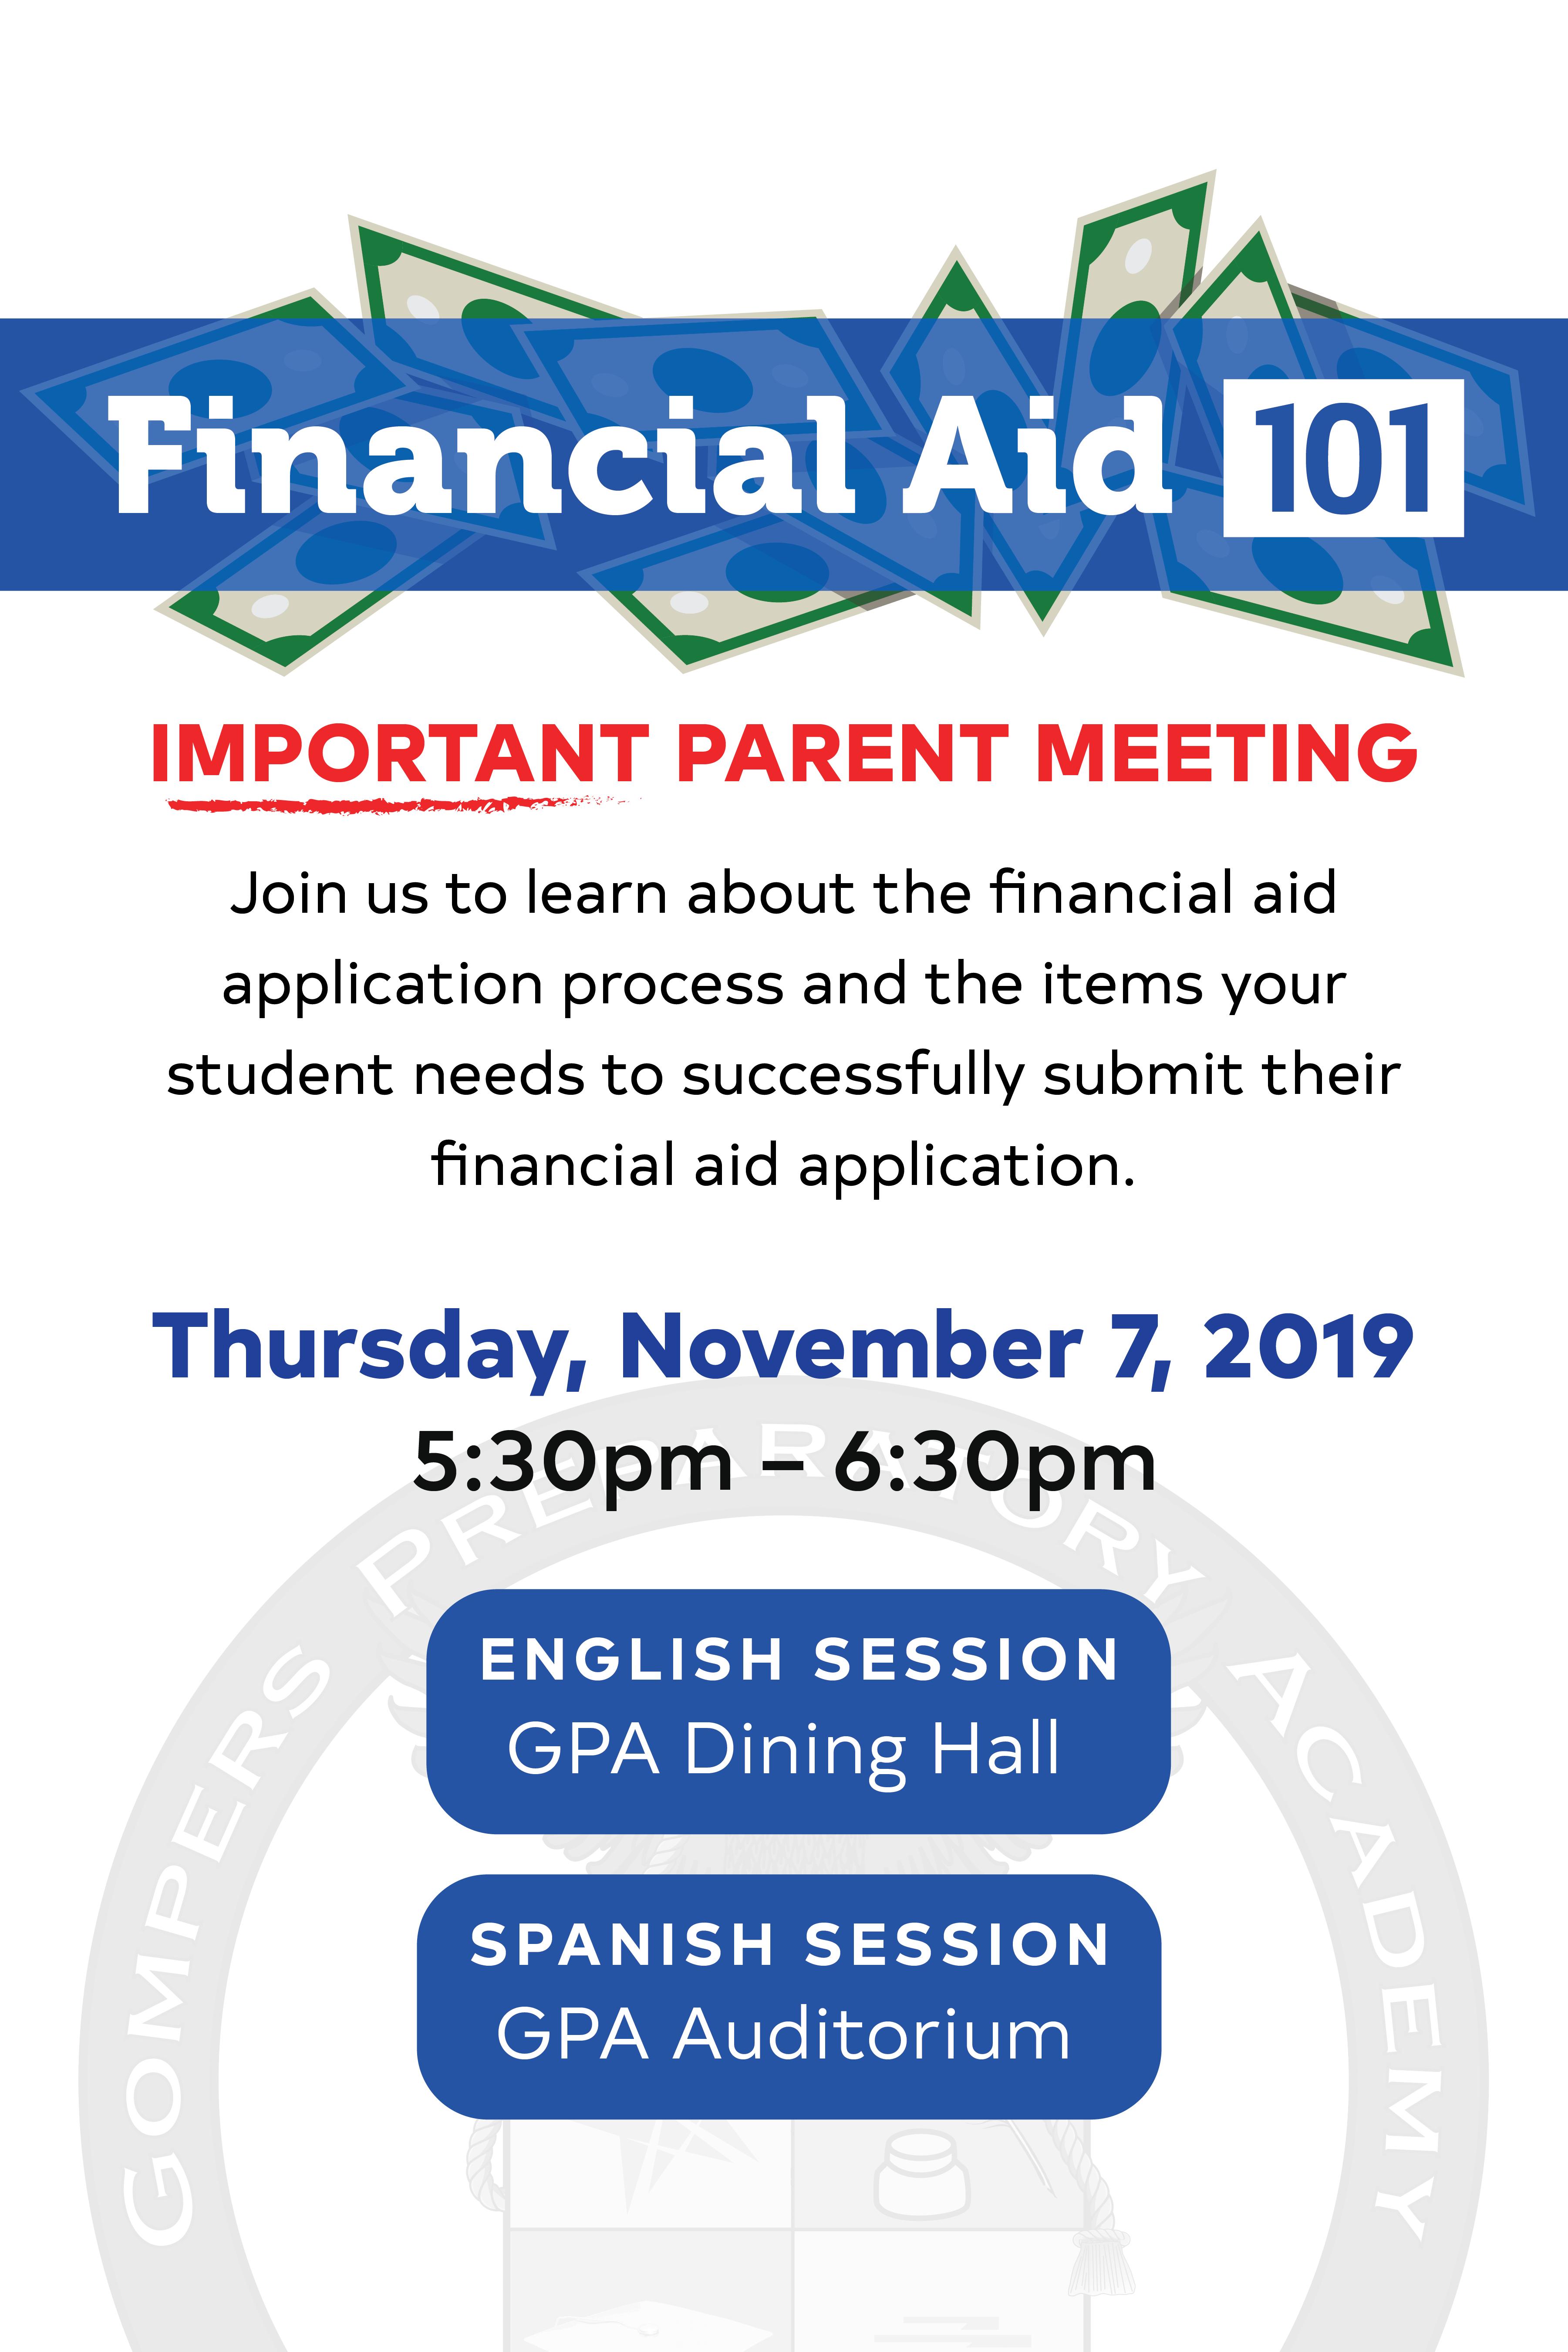 Senior Parent Workshop: Financial Aid 101